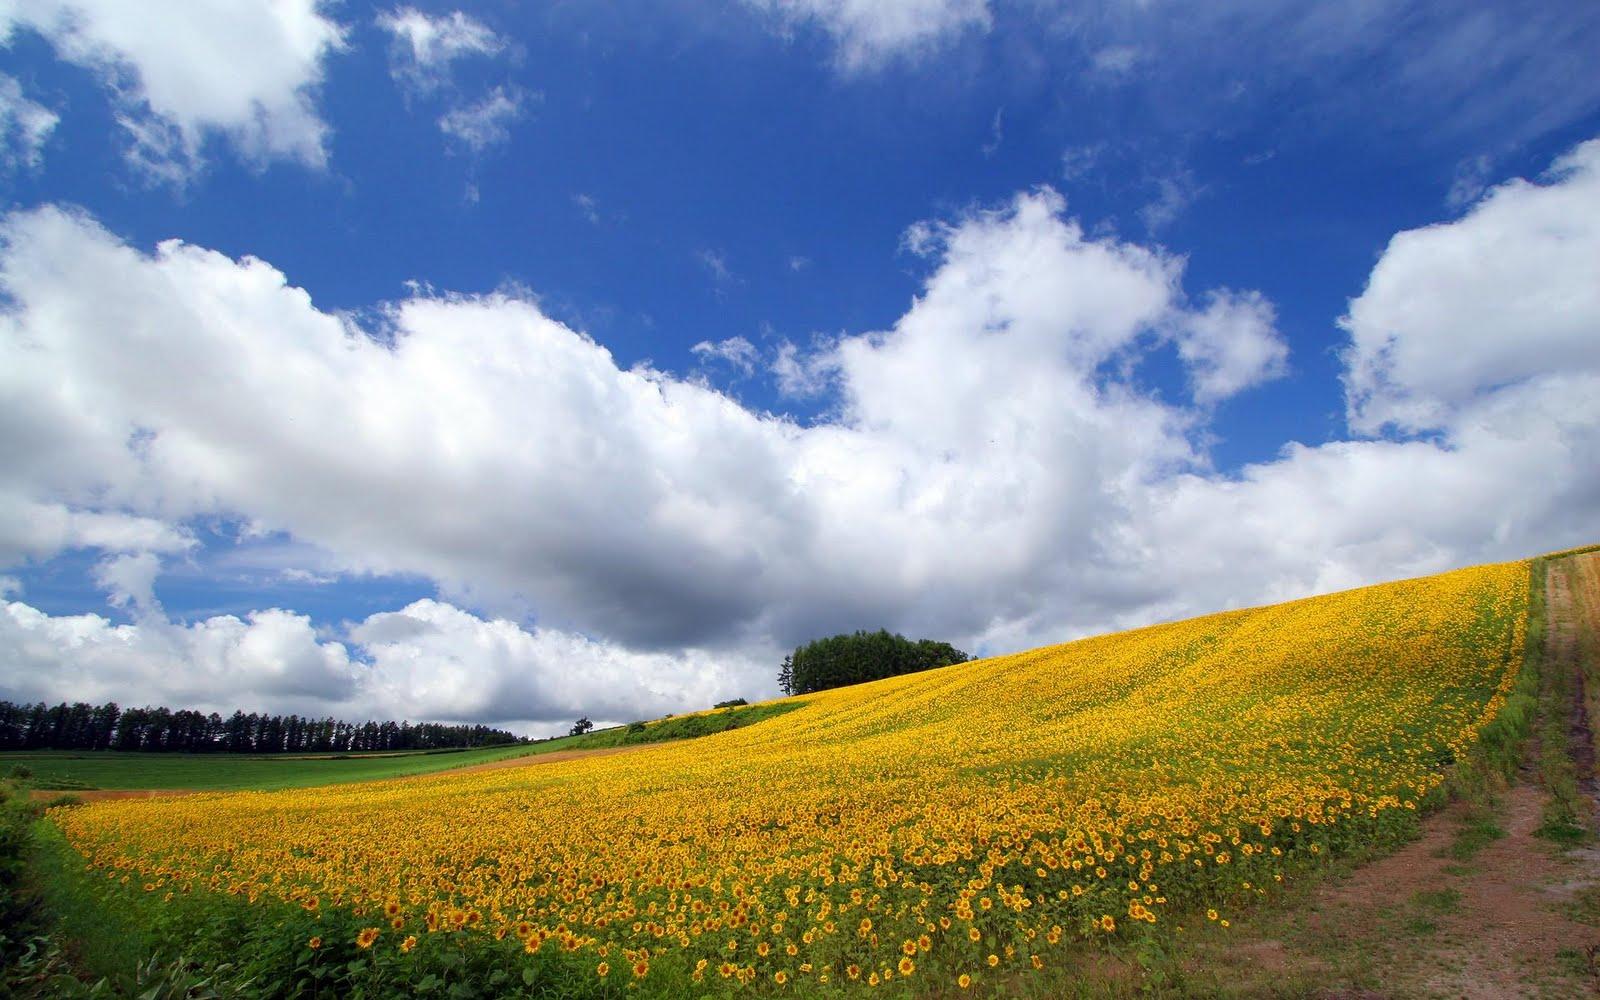 japan hokkaido landscape image - photo #3